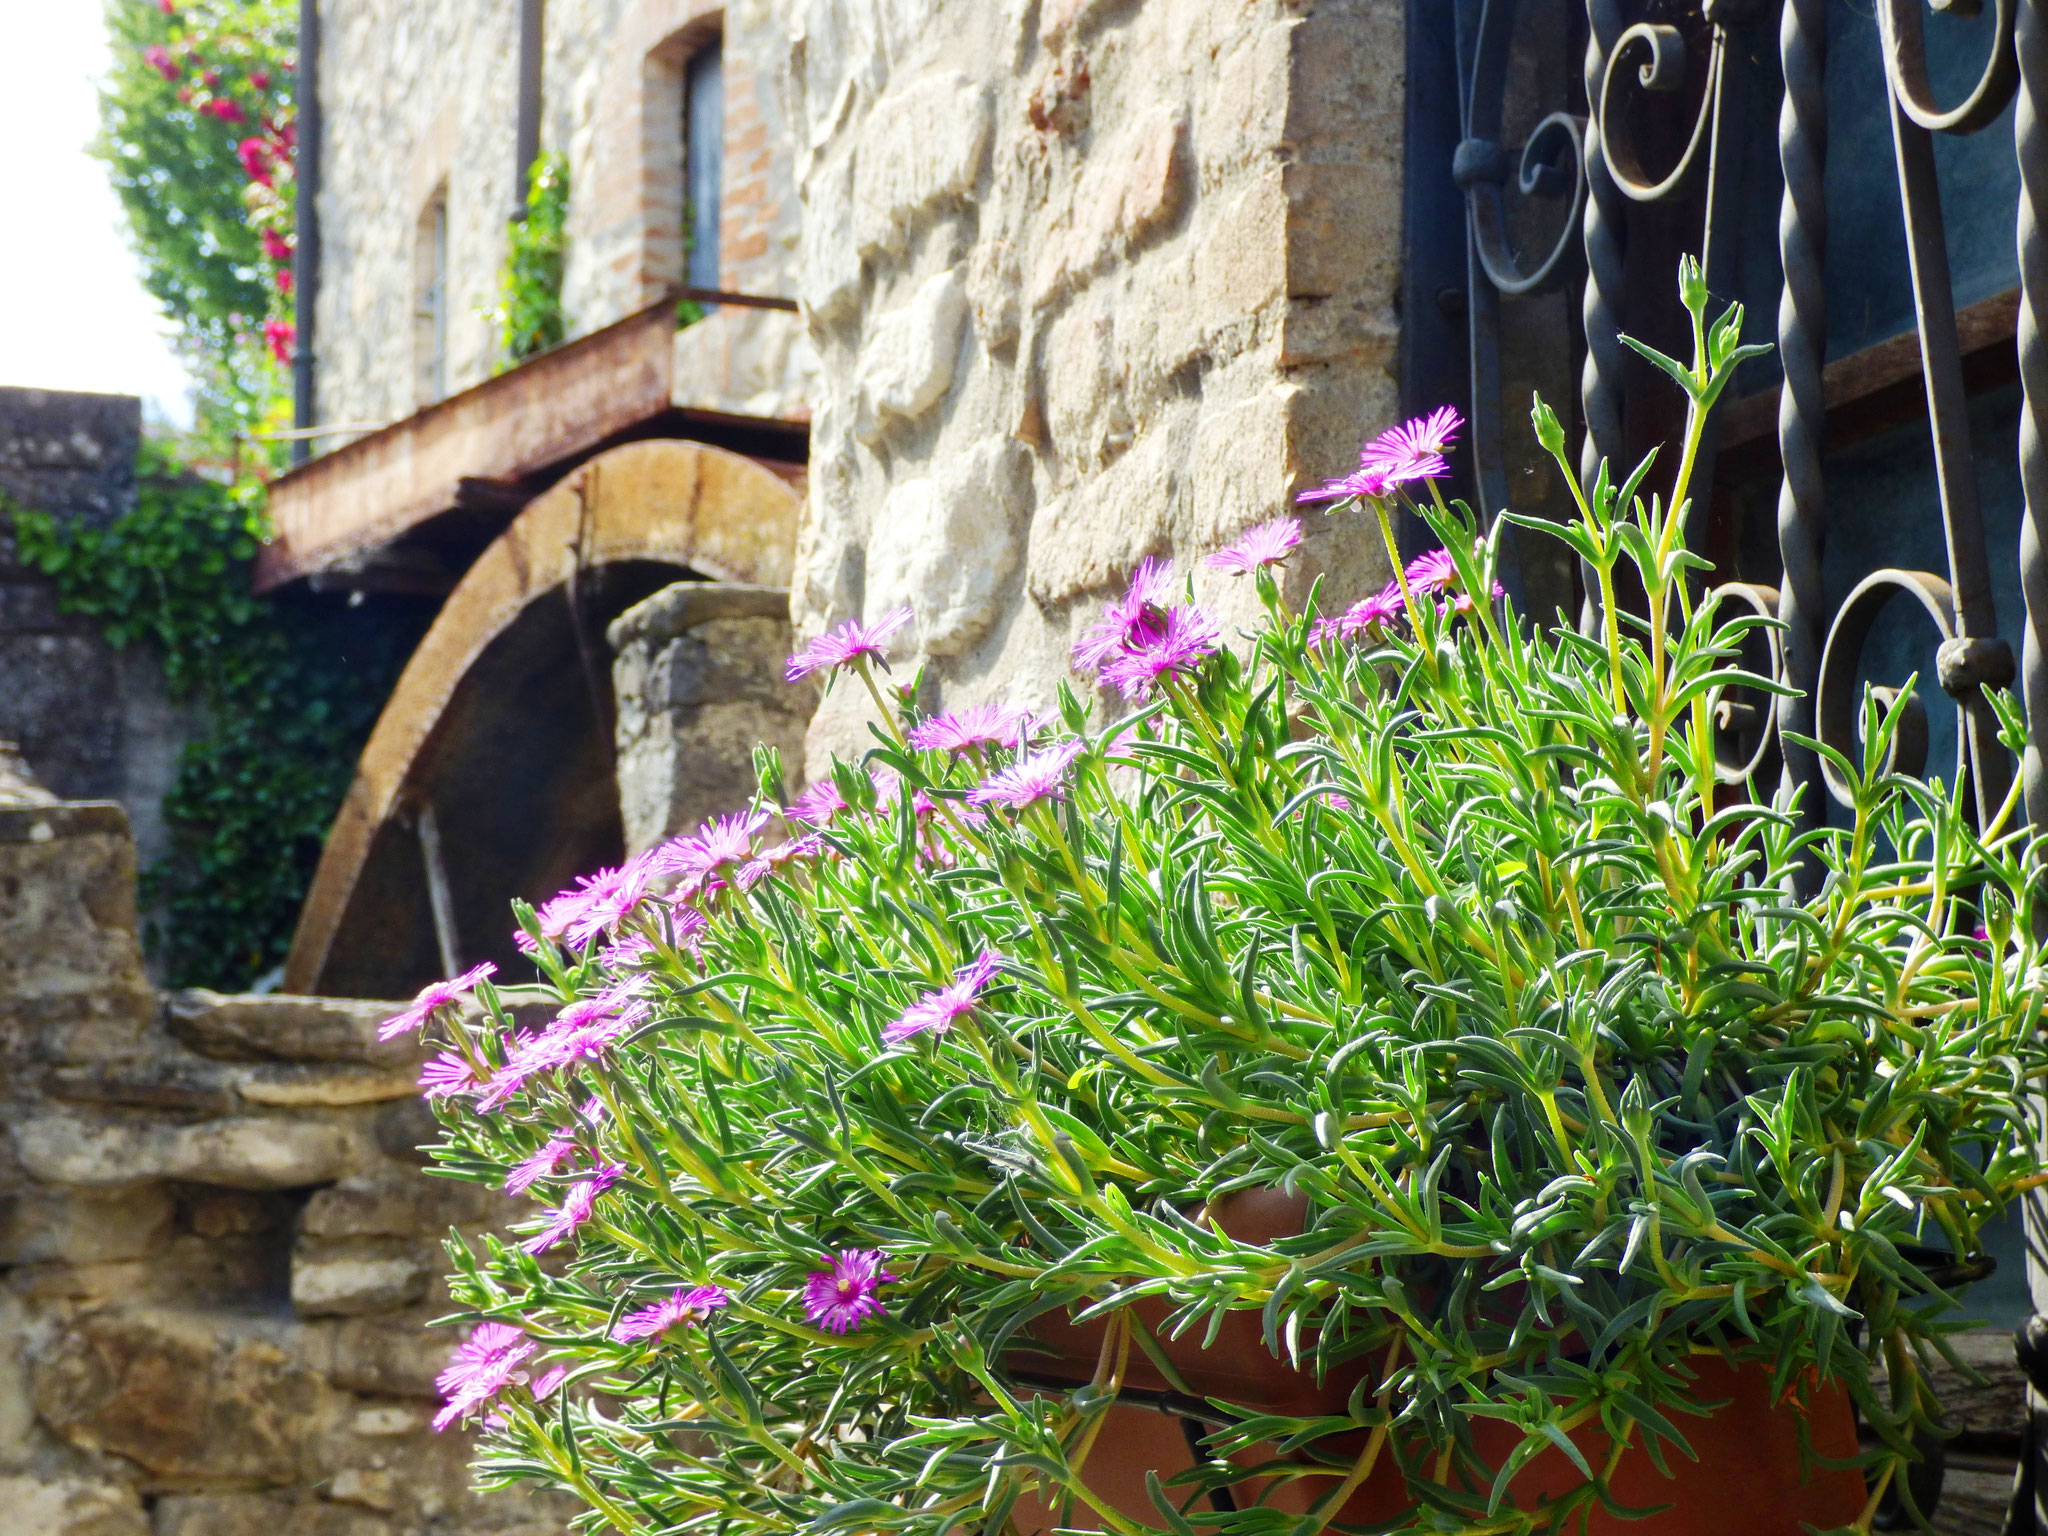 Artre : Bobbio - Il Castello in Fiore II ed. 28 -29 maggio 2016